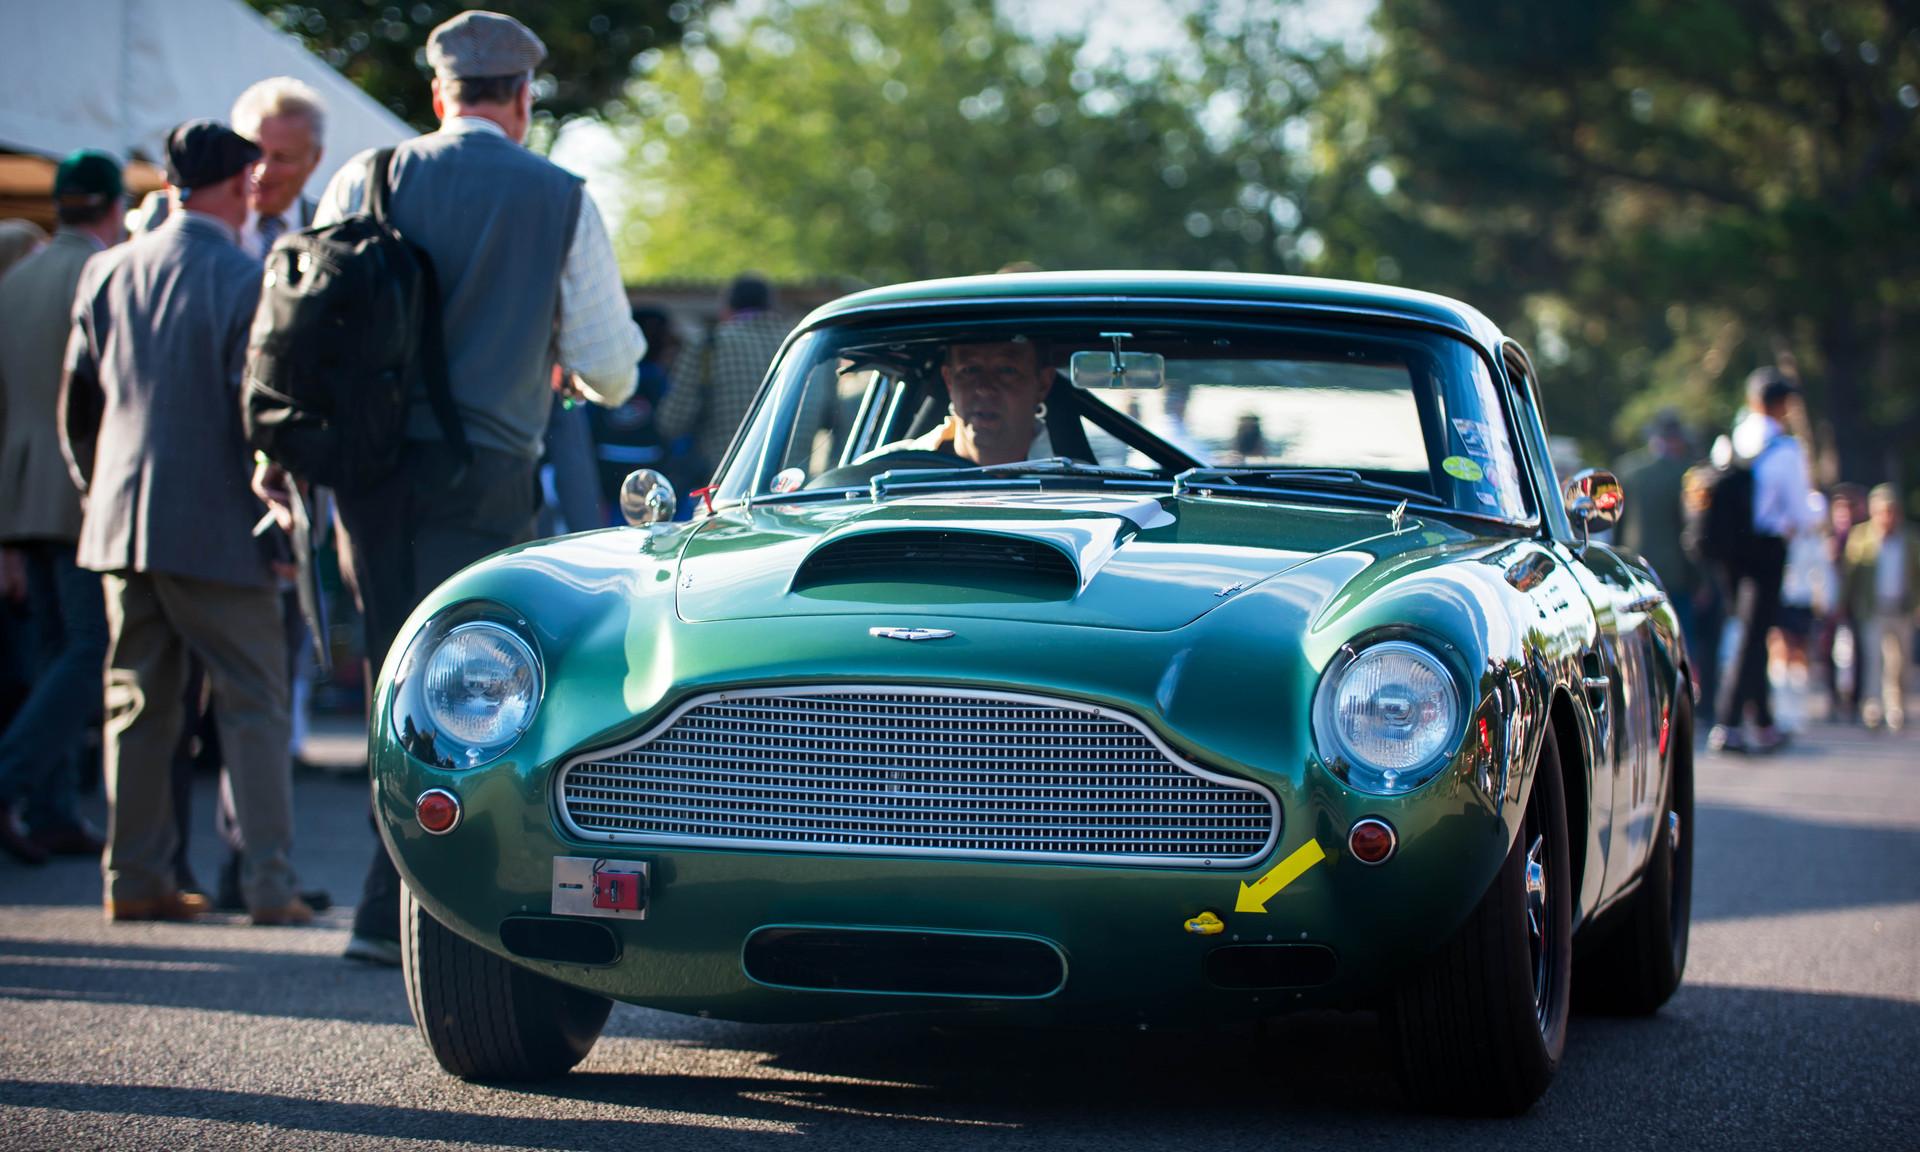 Urs & Arlette Mueller's 1960 Aston Martin DB4 GT